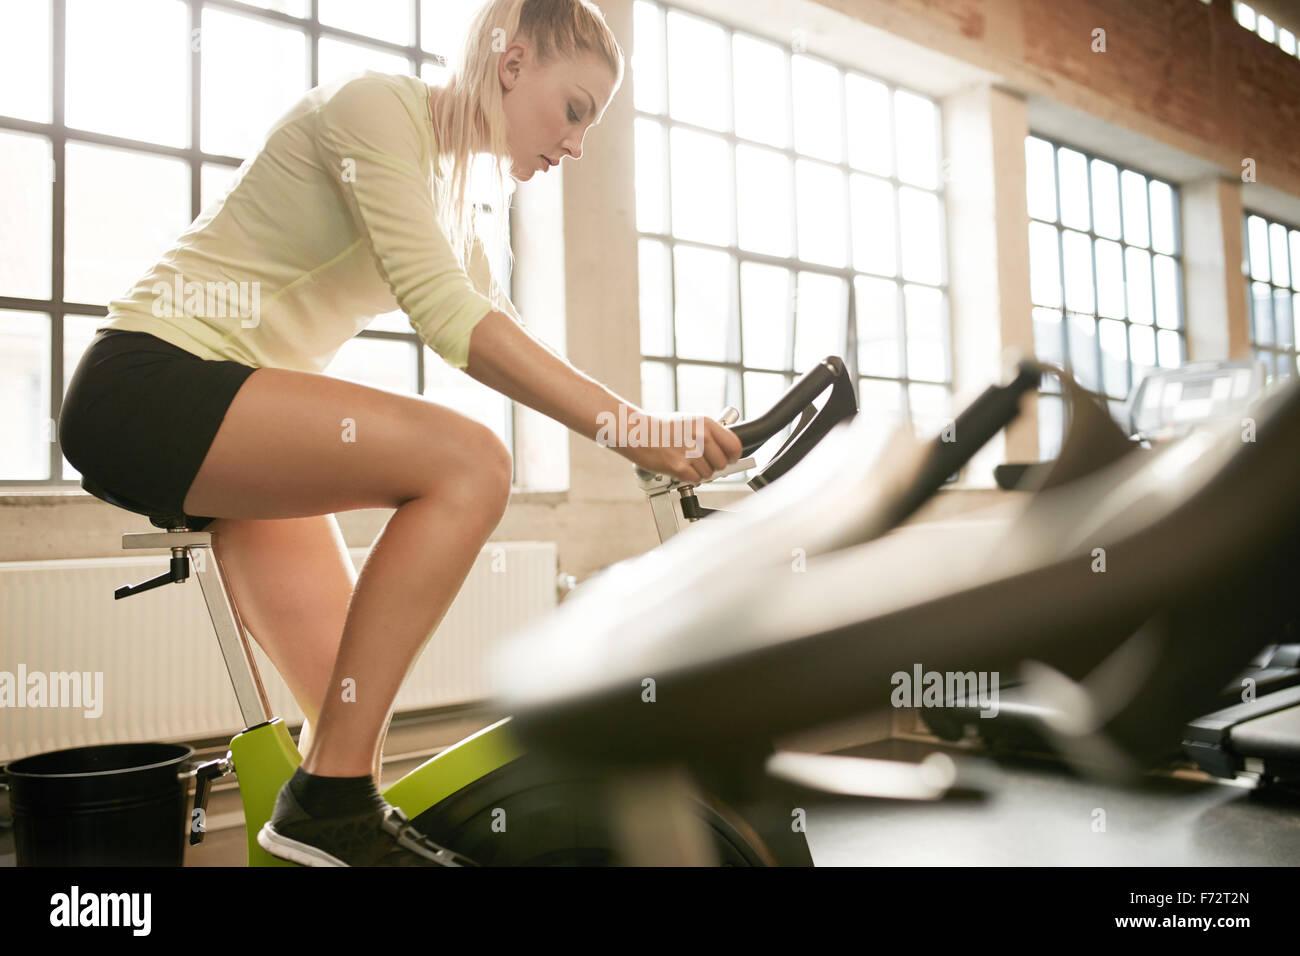 Fit woman working out sur un vélo d'exercice à la salle de sport. L'accent sur les jeunes femmes Photo Stock